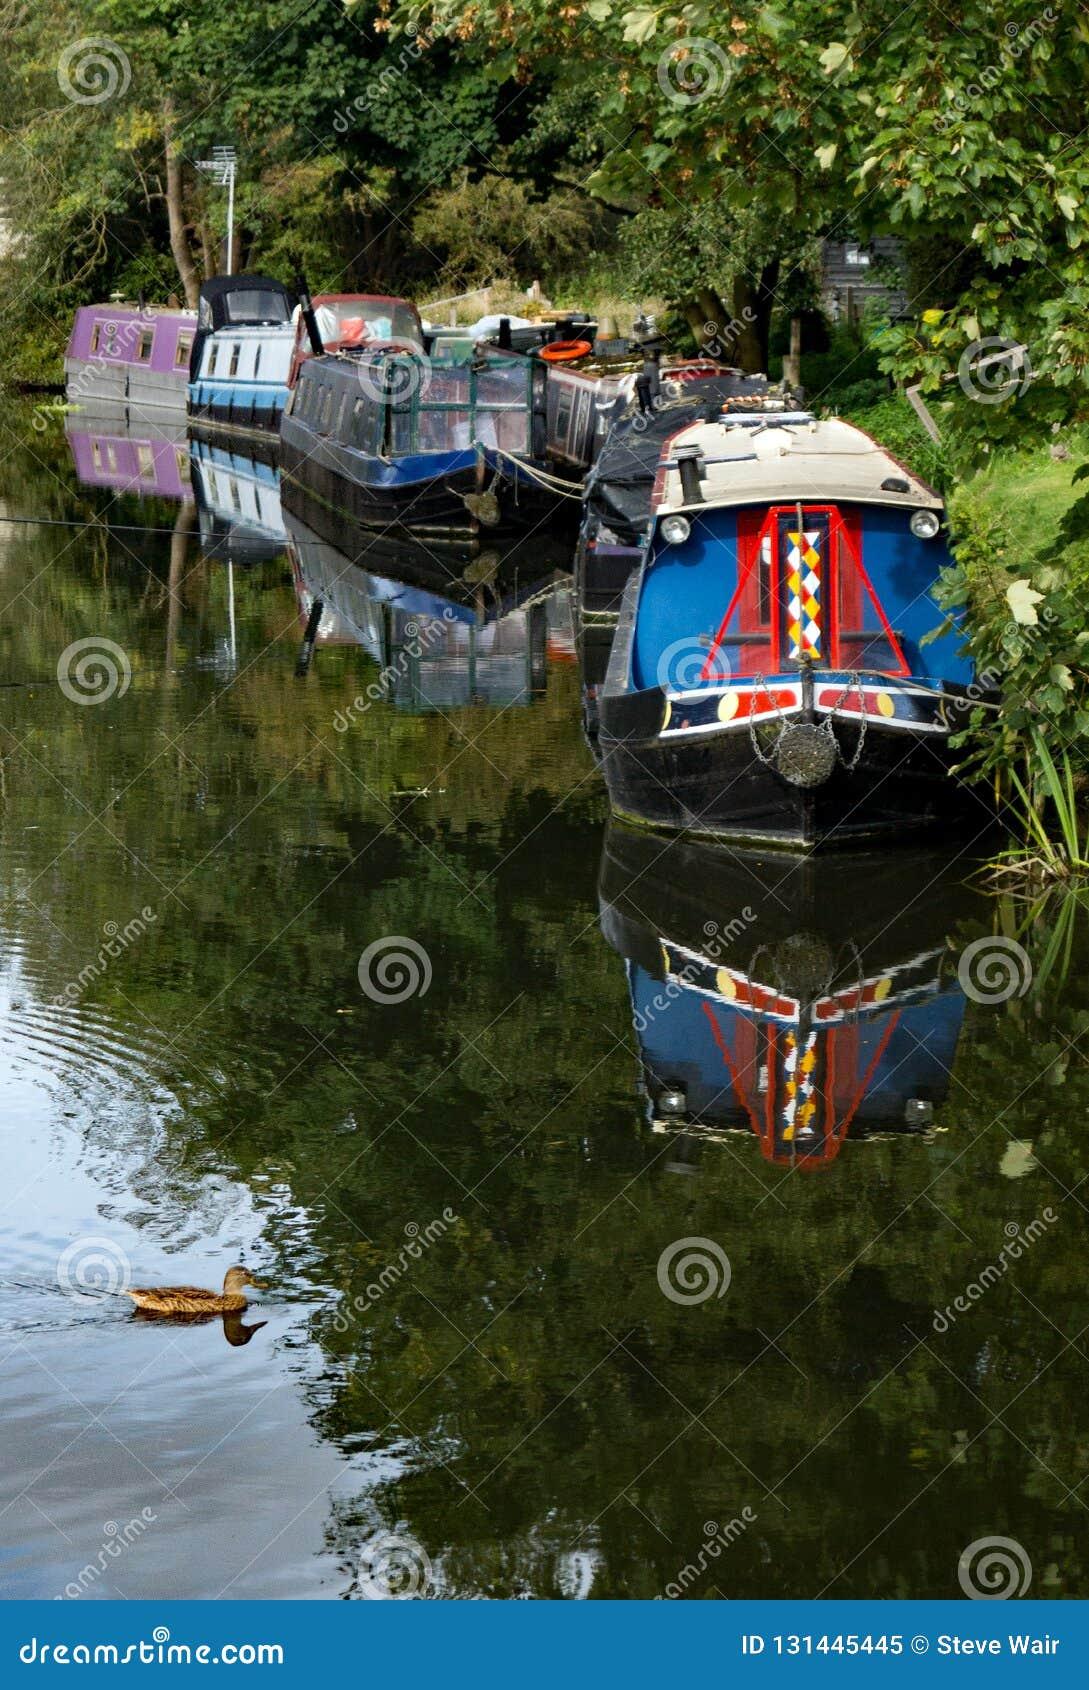 Een groep smalle boten legde op de Rivier Stort vast